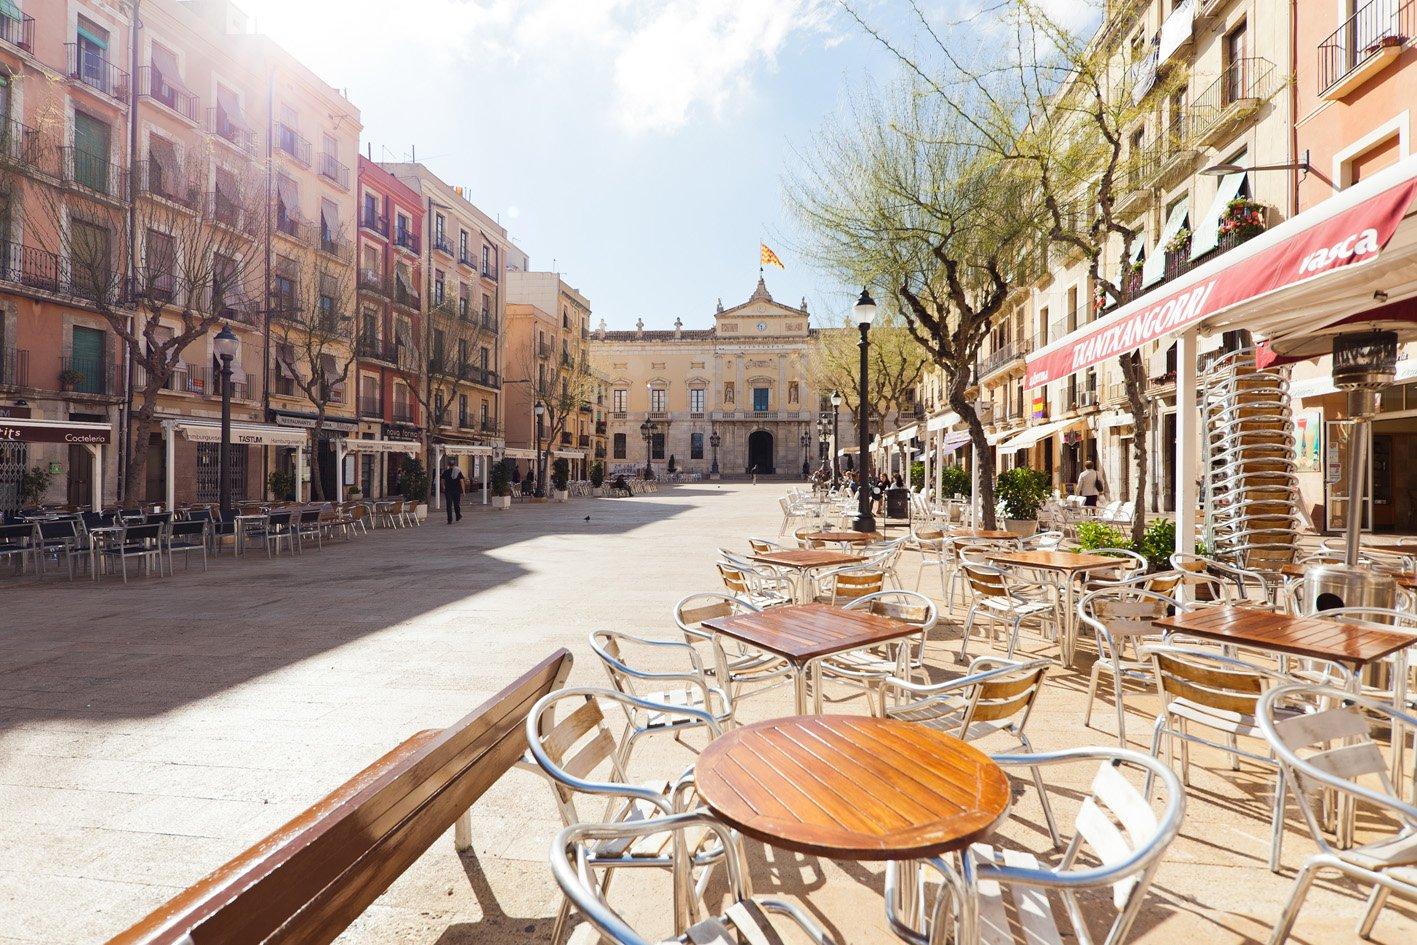 hotel_la_fontnombre_del_documento_16-e021bcc24b976178dfd360d51937faa4